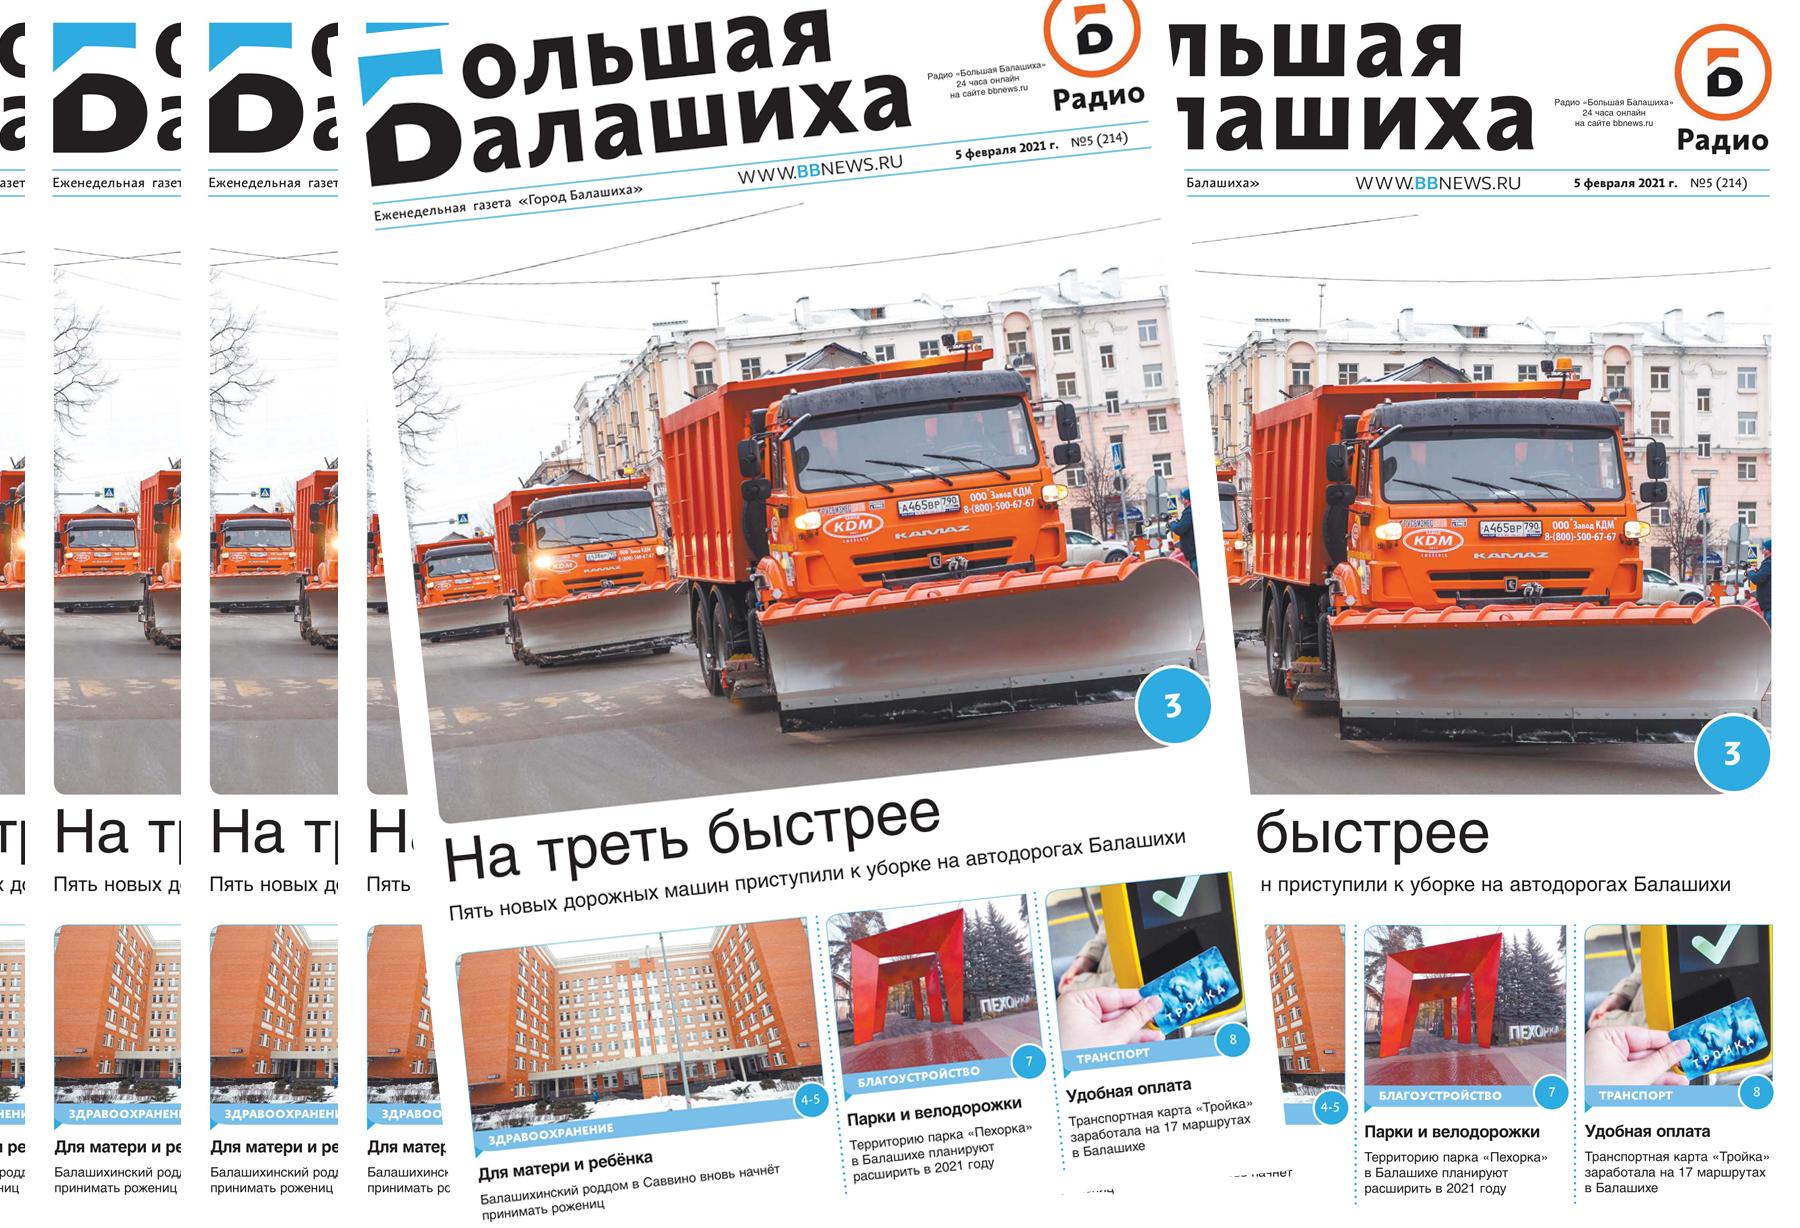 Вышла газета «Город Балашиха» №5 (214)